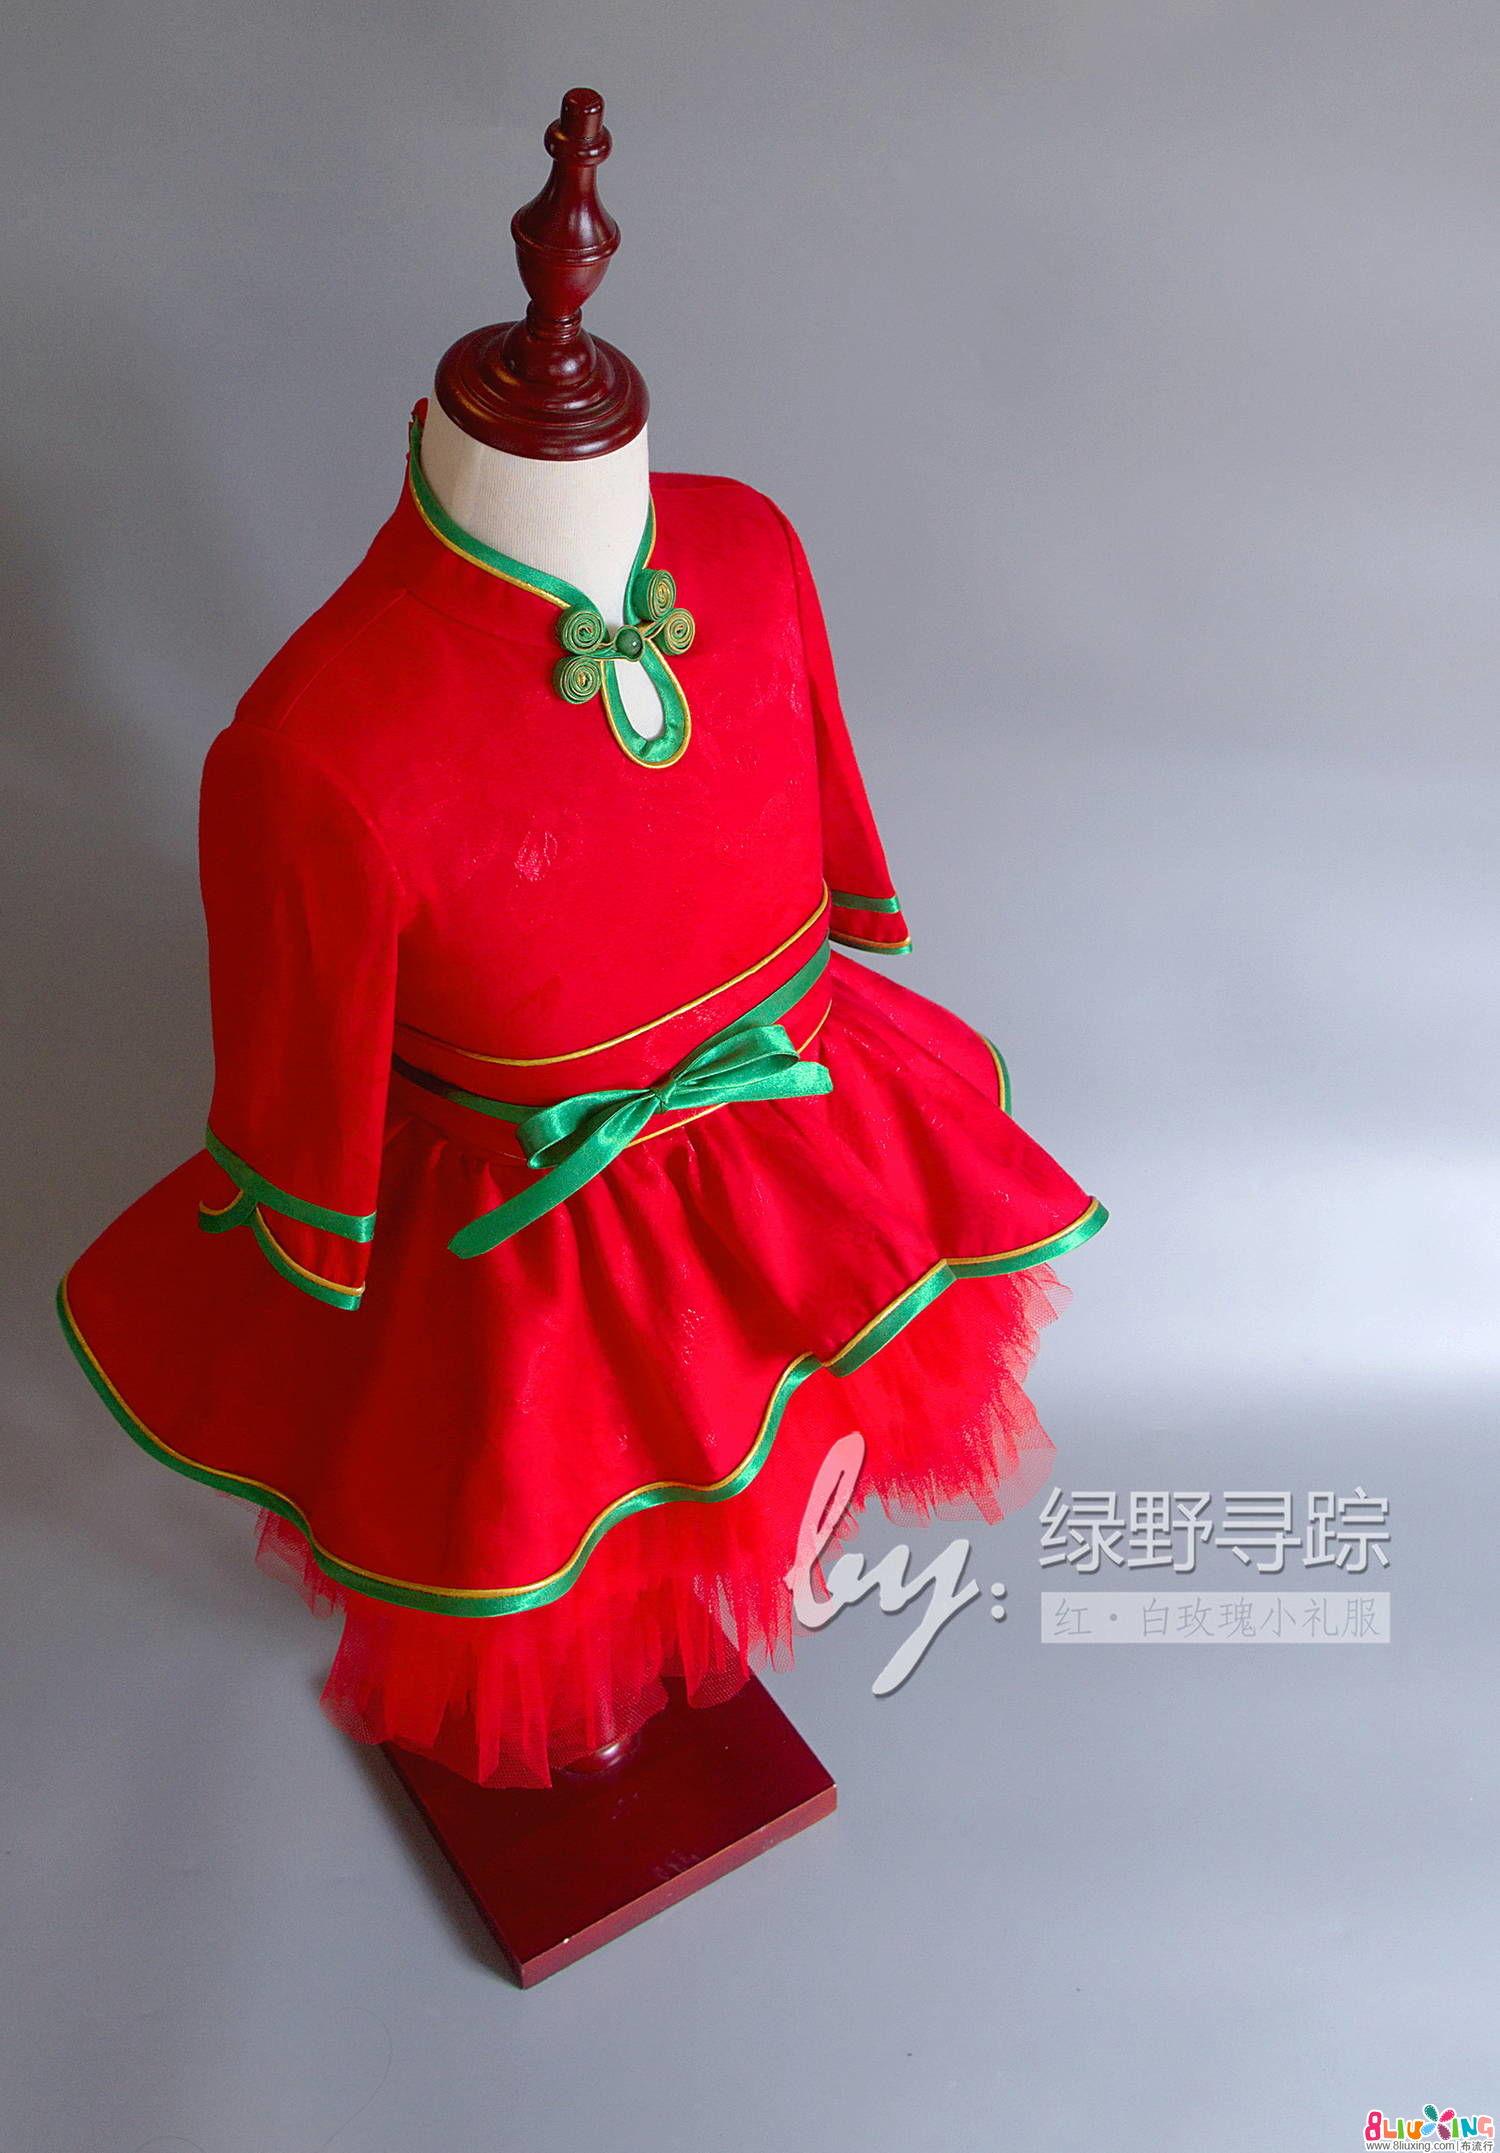 (老绿手工)红·白玫瑰小礼服裙 过程及图纸